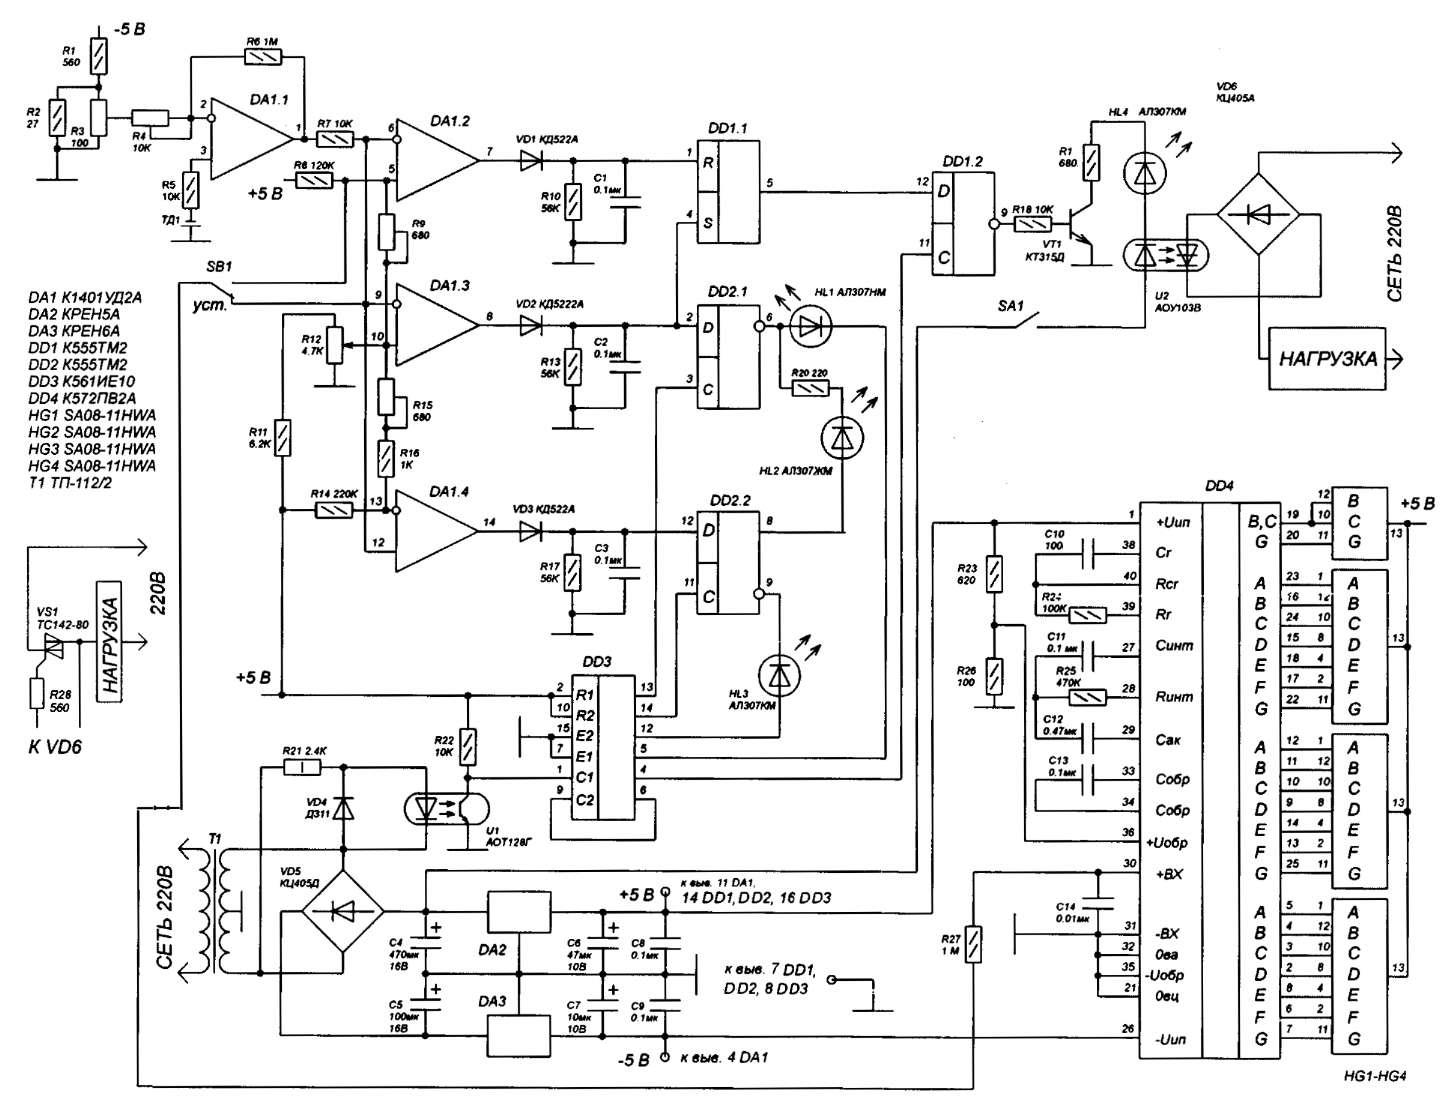 Термопривод для теплиц своими руками: как сделать. - eТеплица 55